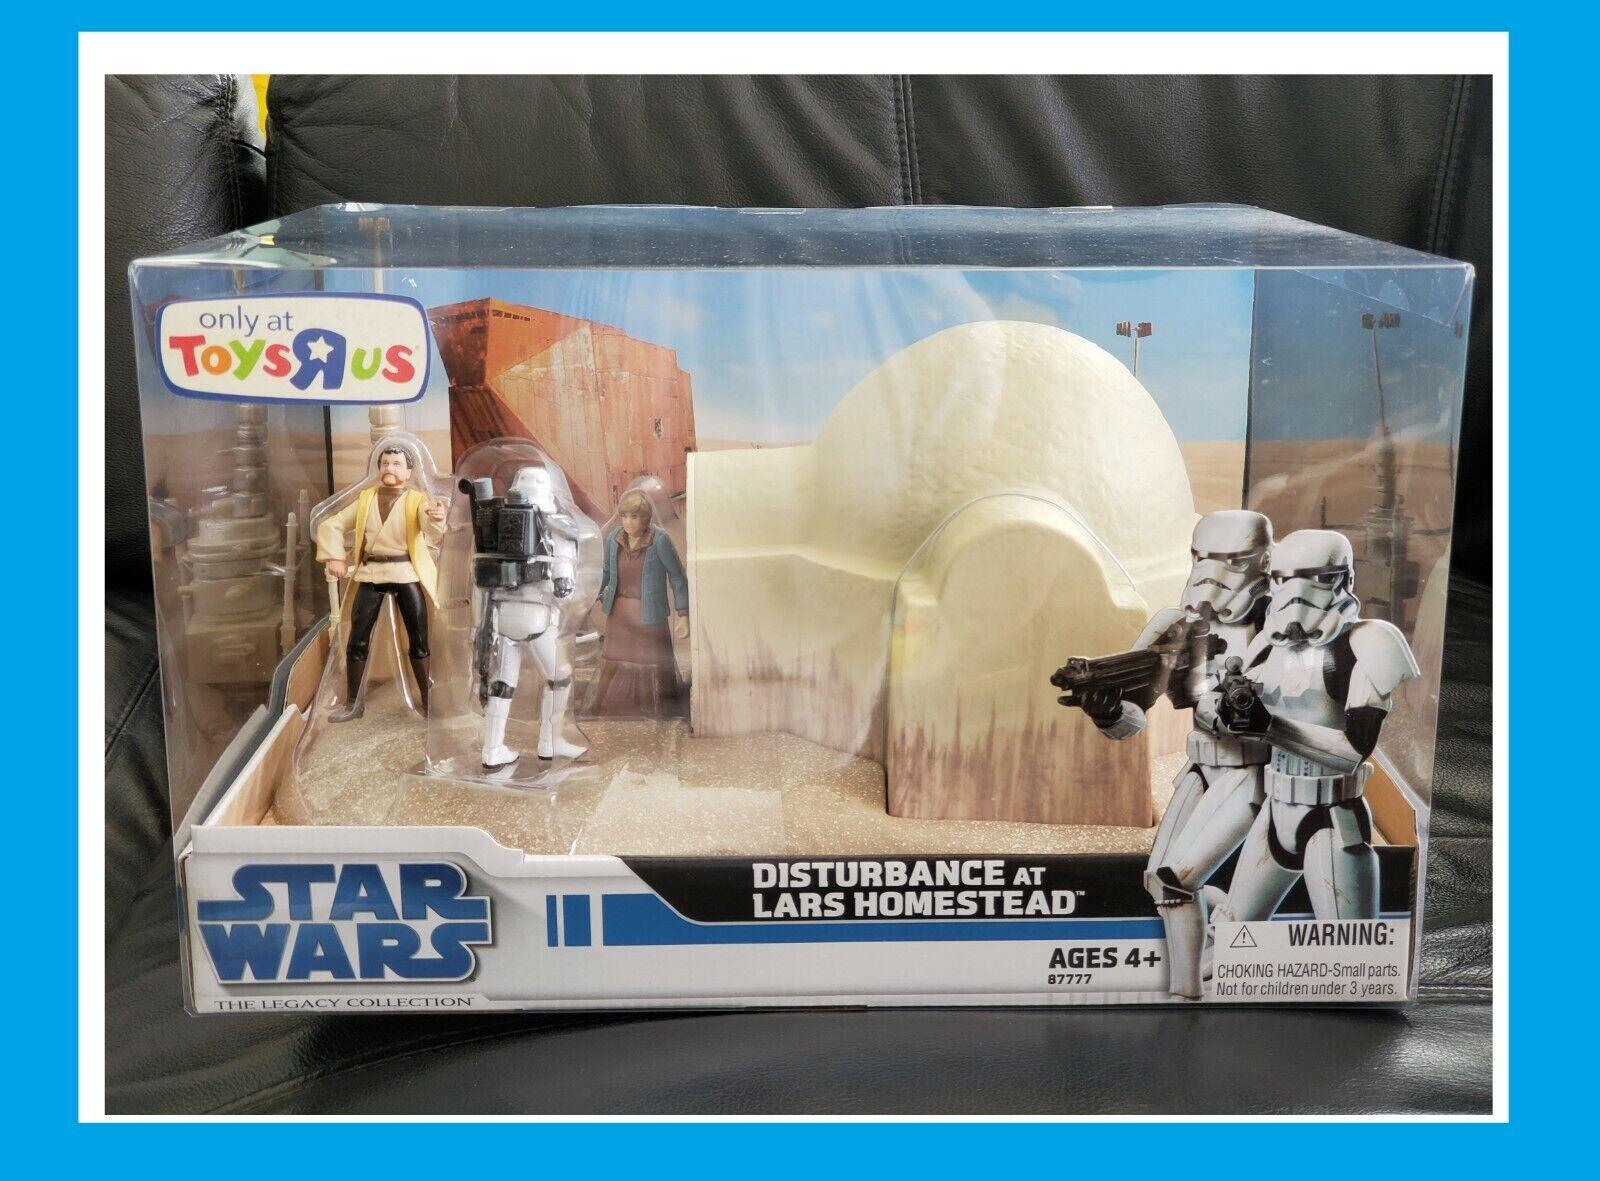 HASBRO estrella guerras THE LEGACY COLLECTION  giocattoli R US DISTURBANCE AT LARS HOMESTEAD  scelta migliore